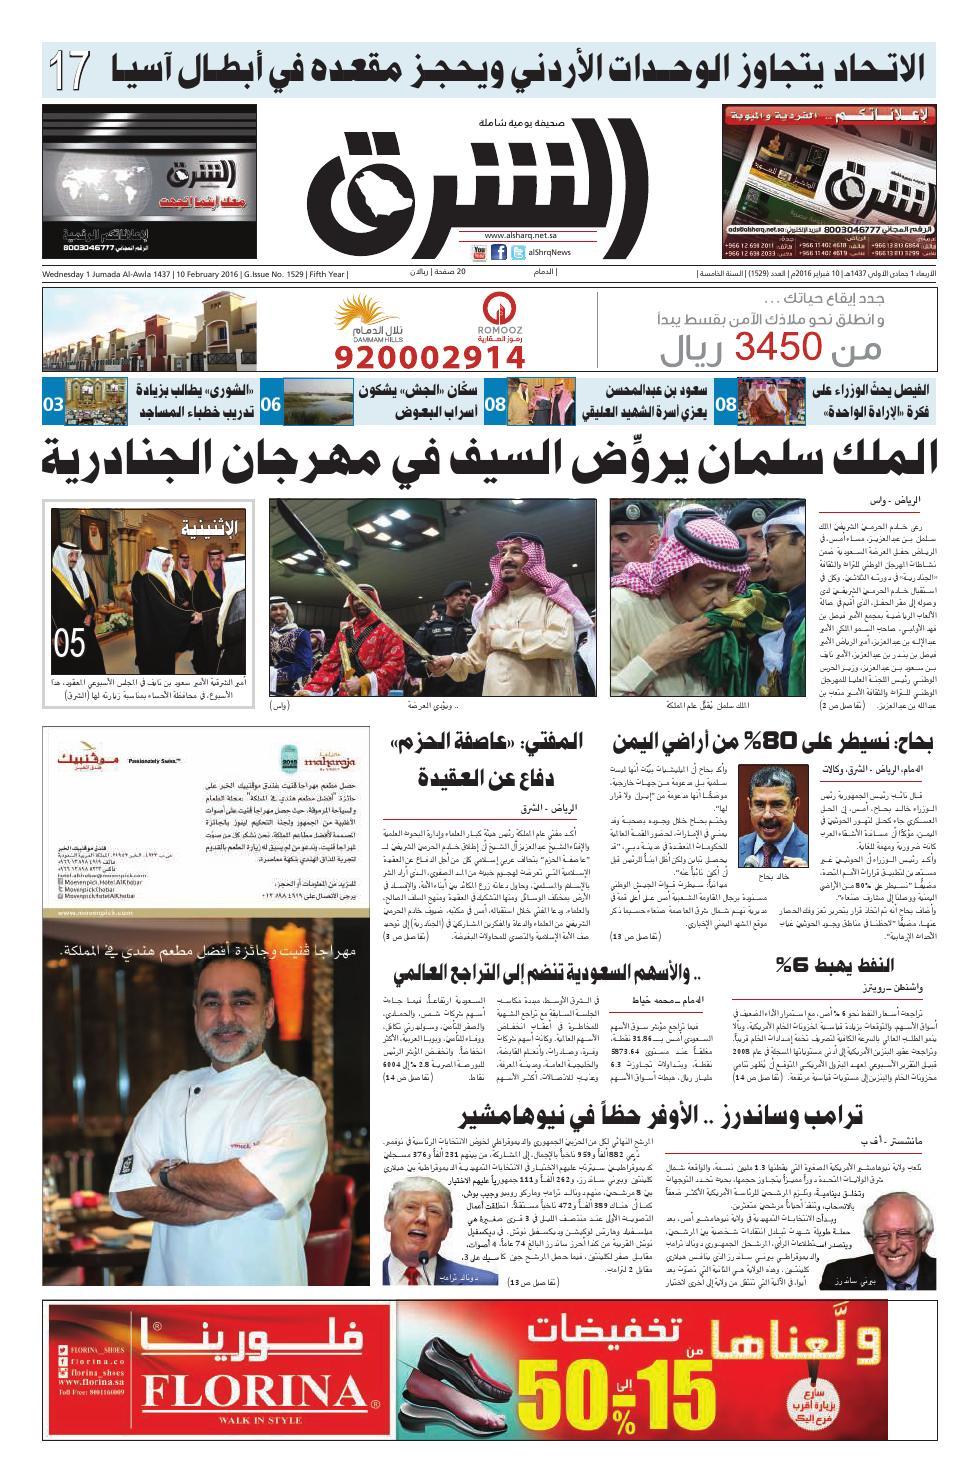 5c603c28d صحيفة الشرق - العدد 1529 - نسخة الدمام by صحيفة الشرق السعودية - issuu